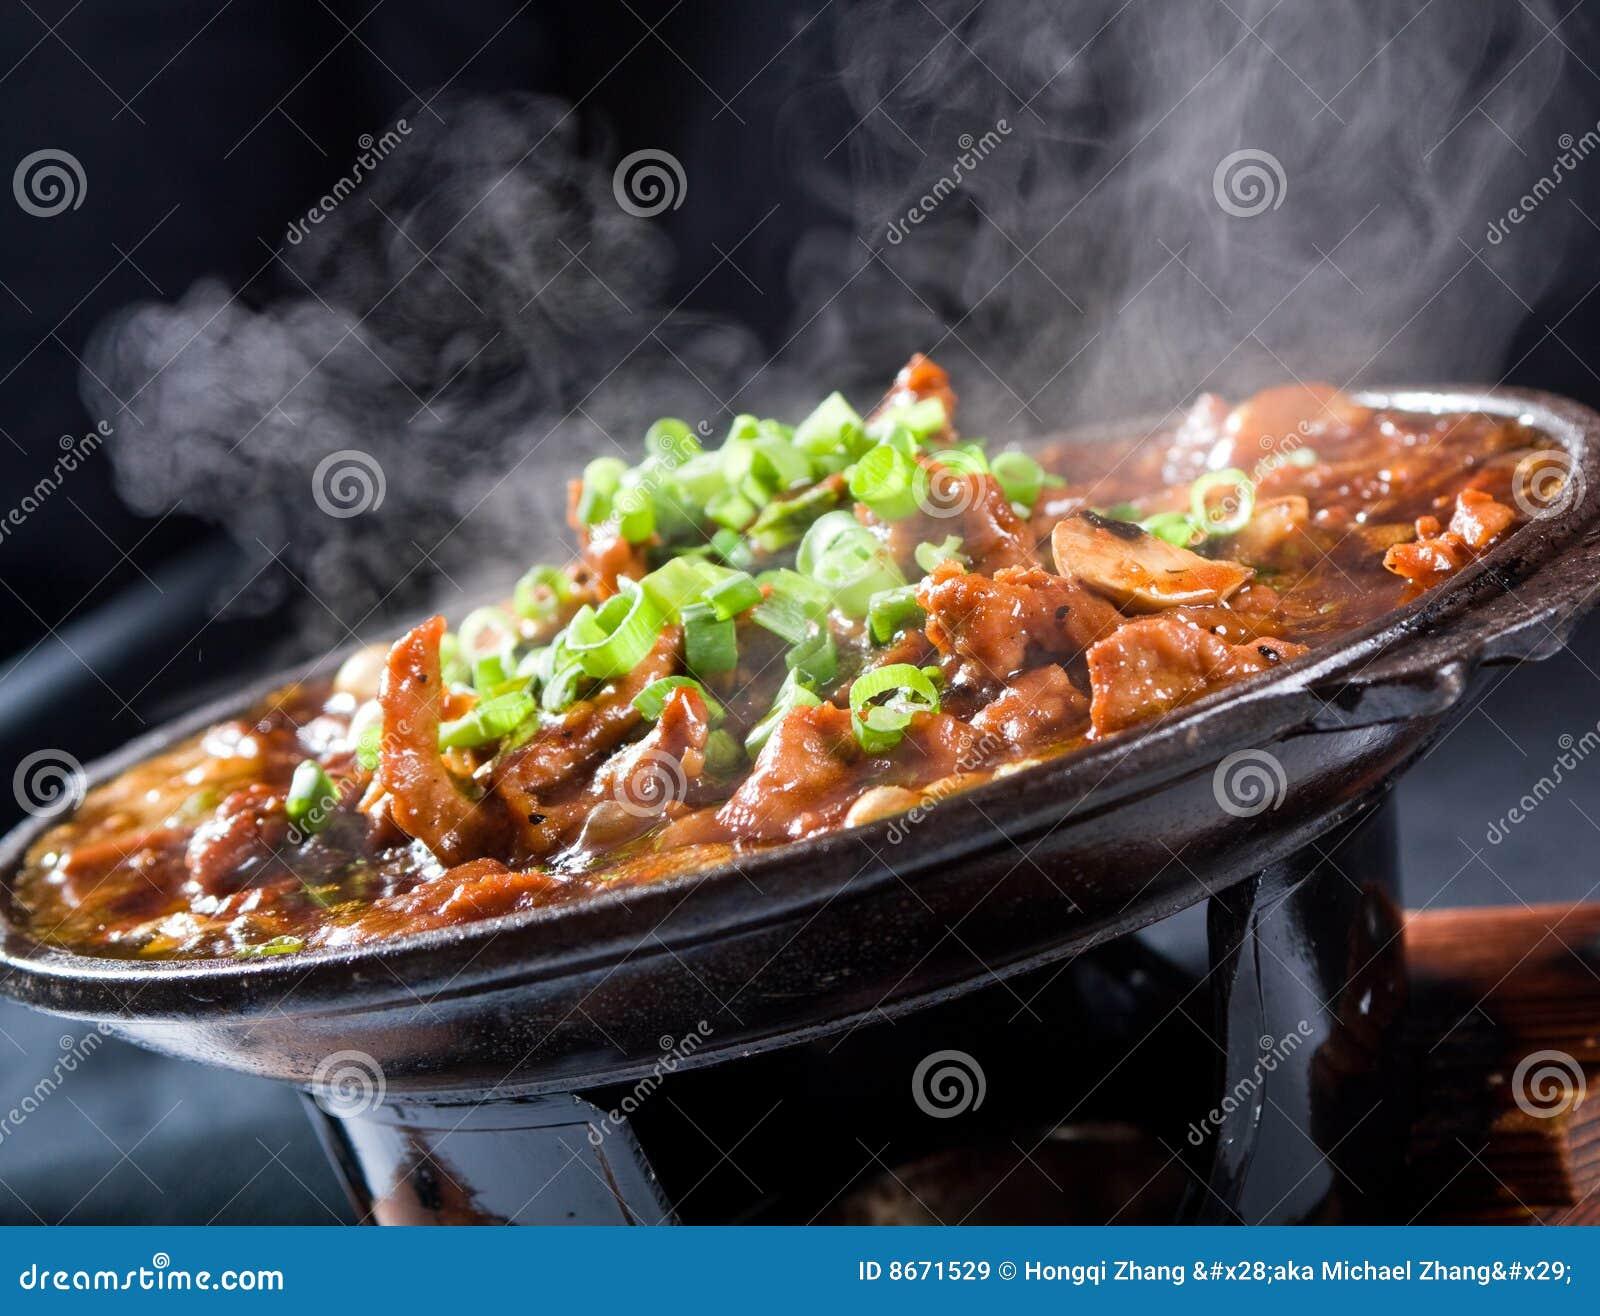 Nourriture chaude